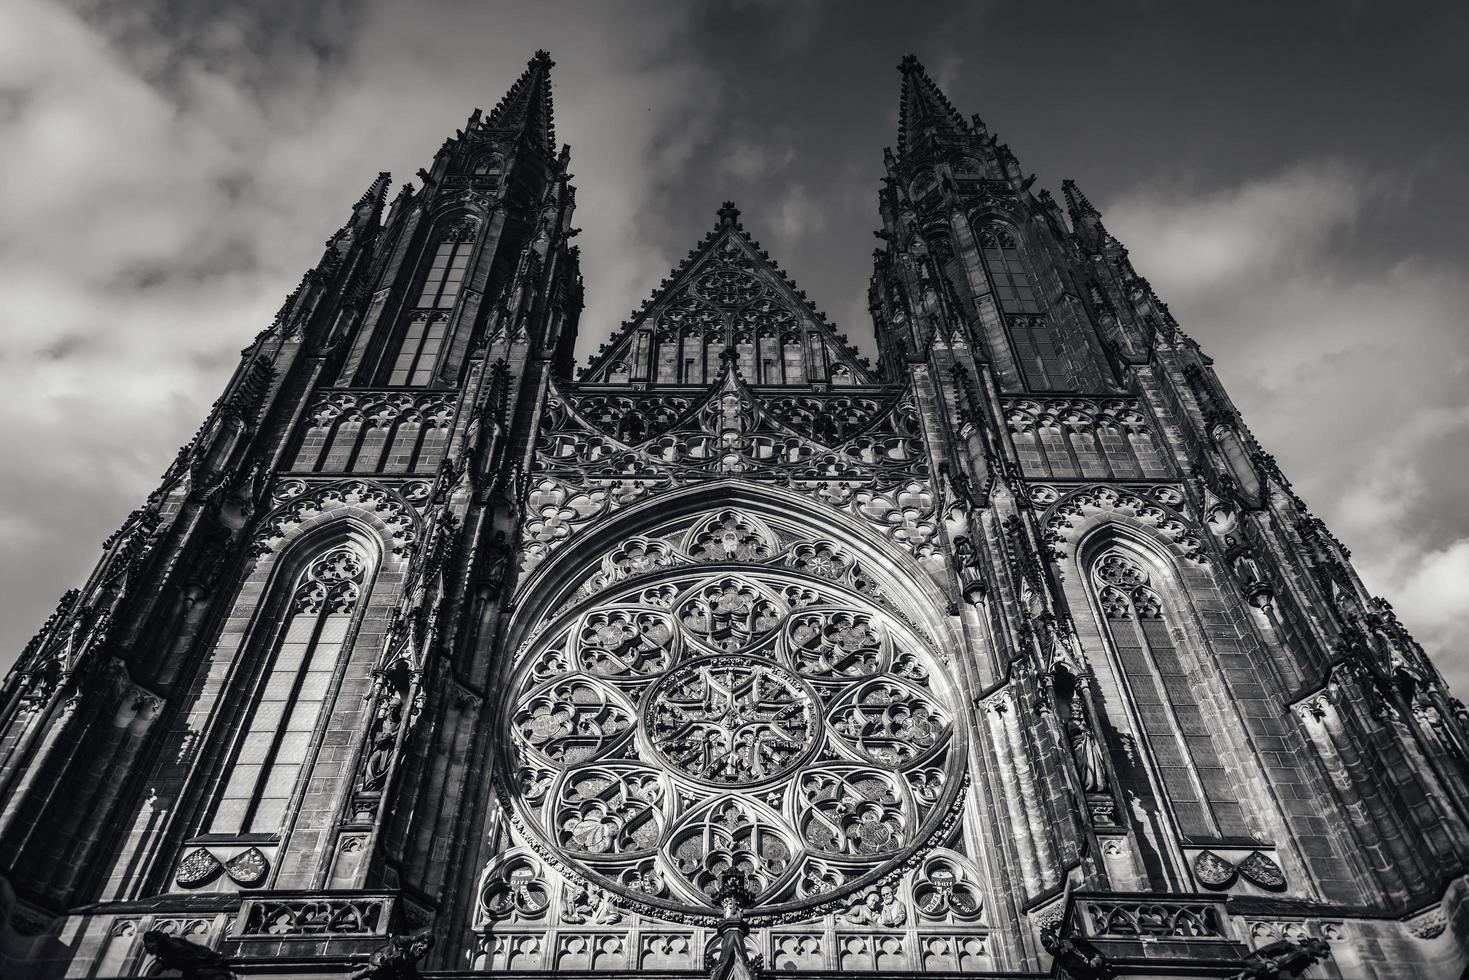 República Checa 2017 - fachada de la catedral de San Vito en el castillo de Praga foto